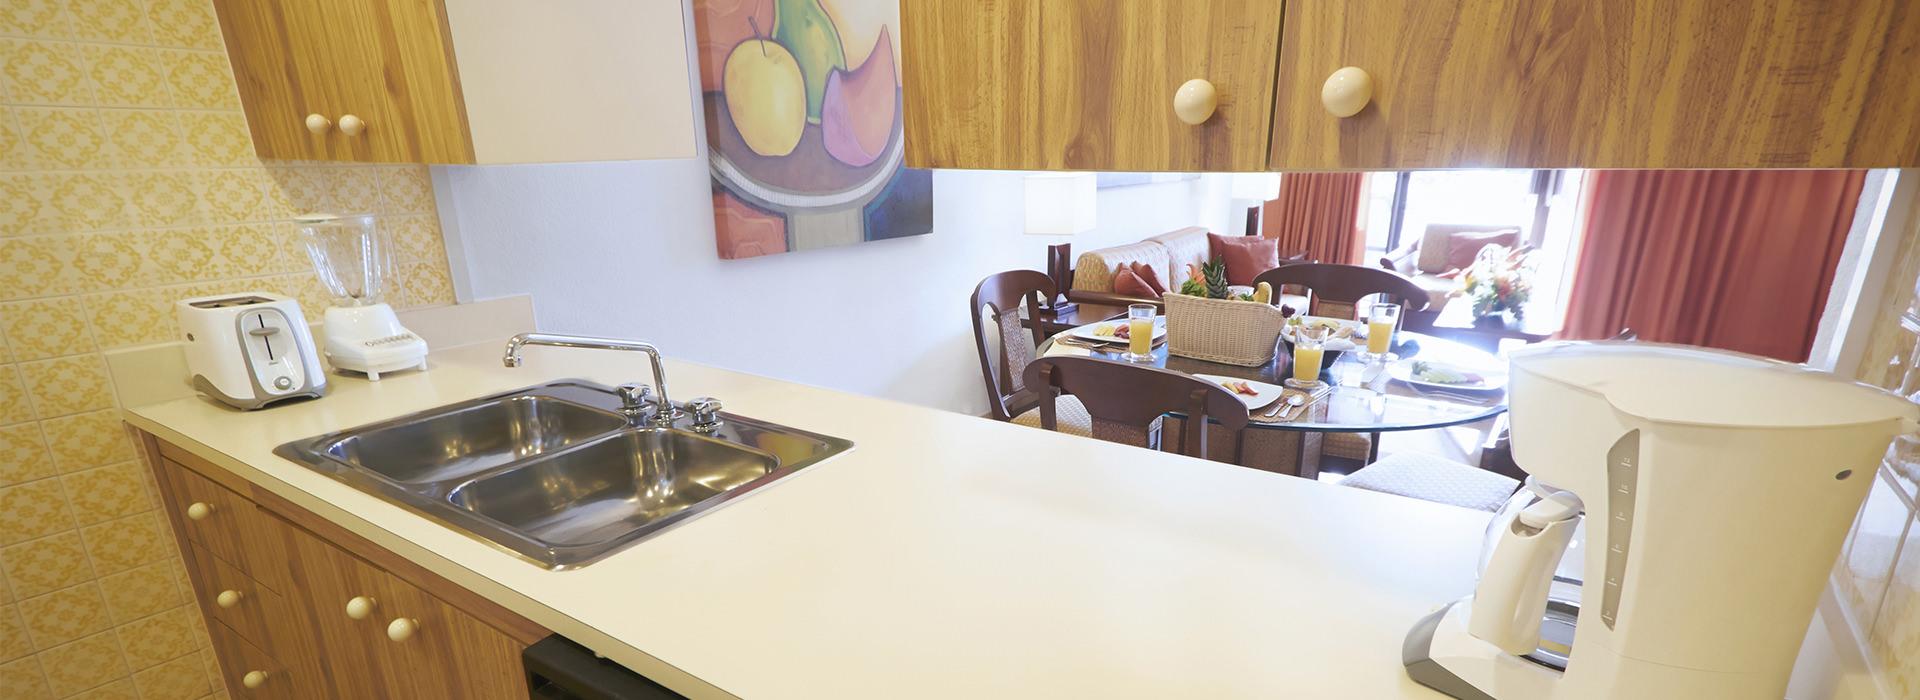 suite en Cancún con cocina